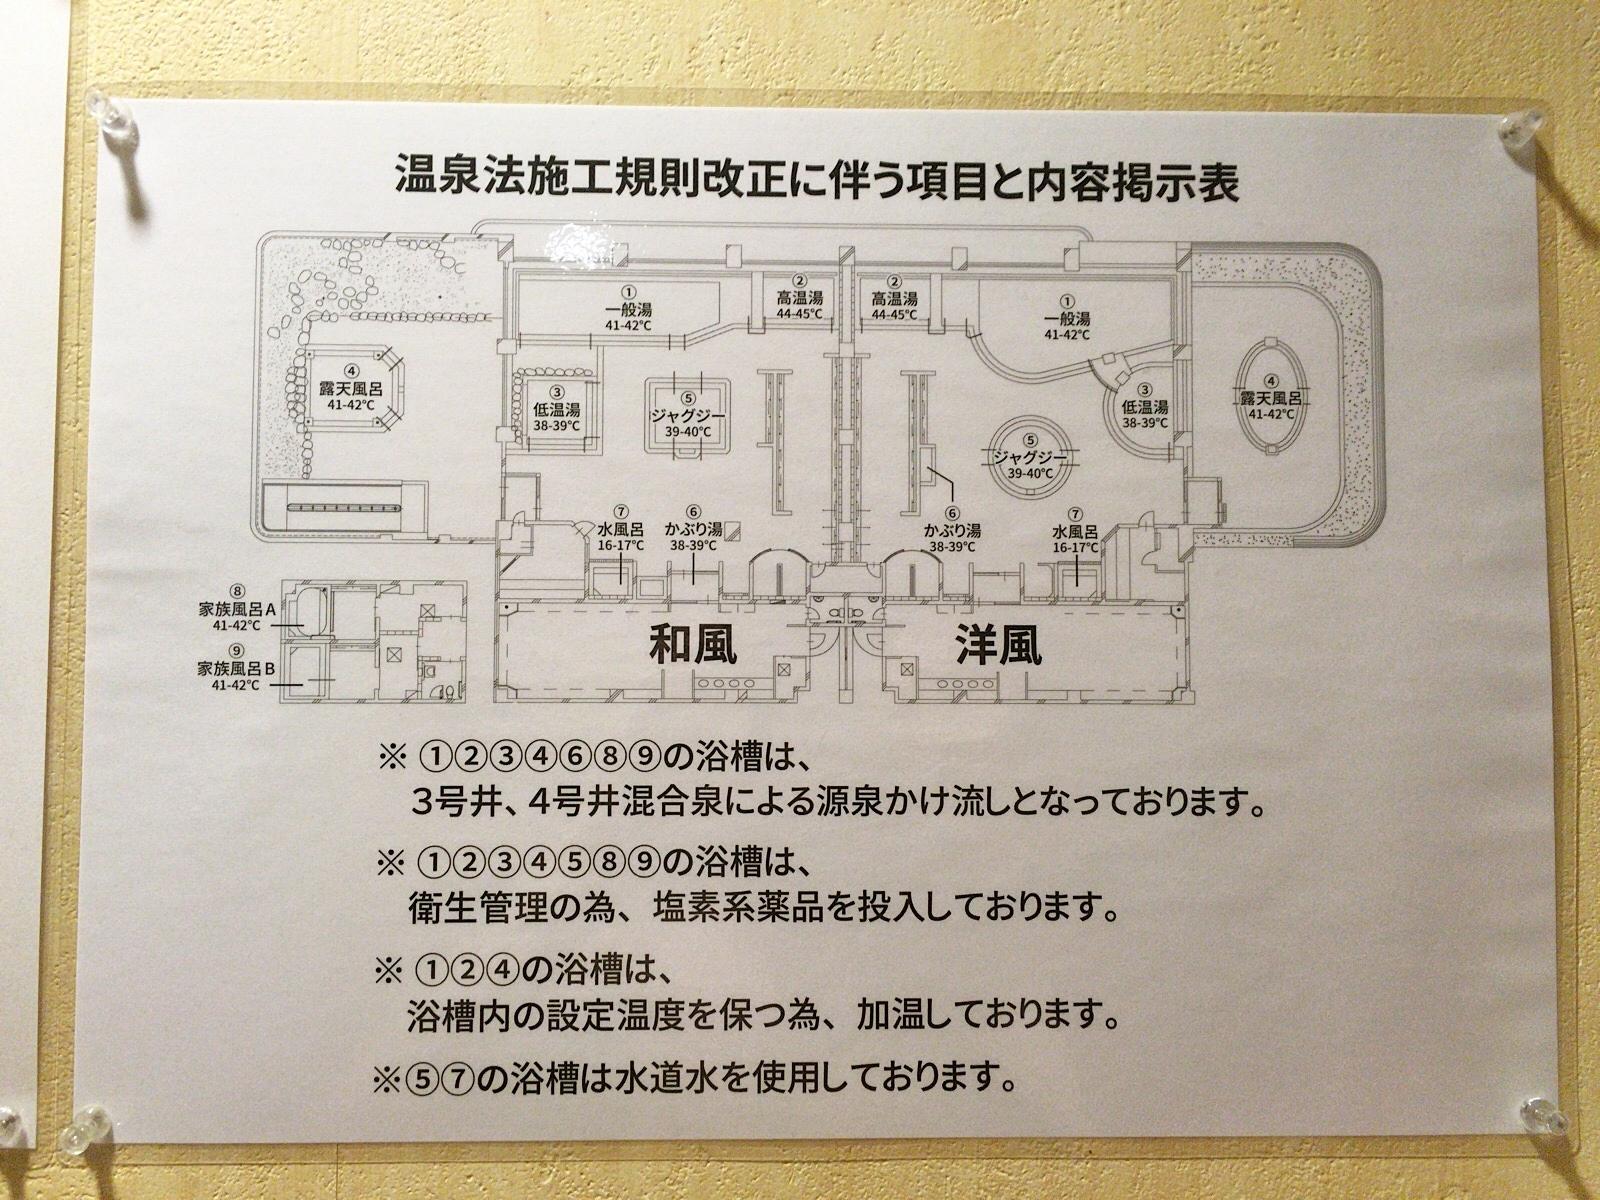 豊浦温泉 しおさい 温泉インフォメーション.JPG